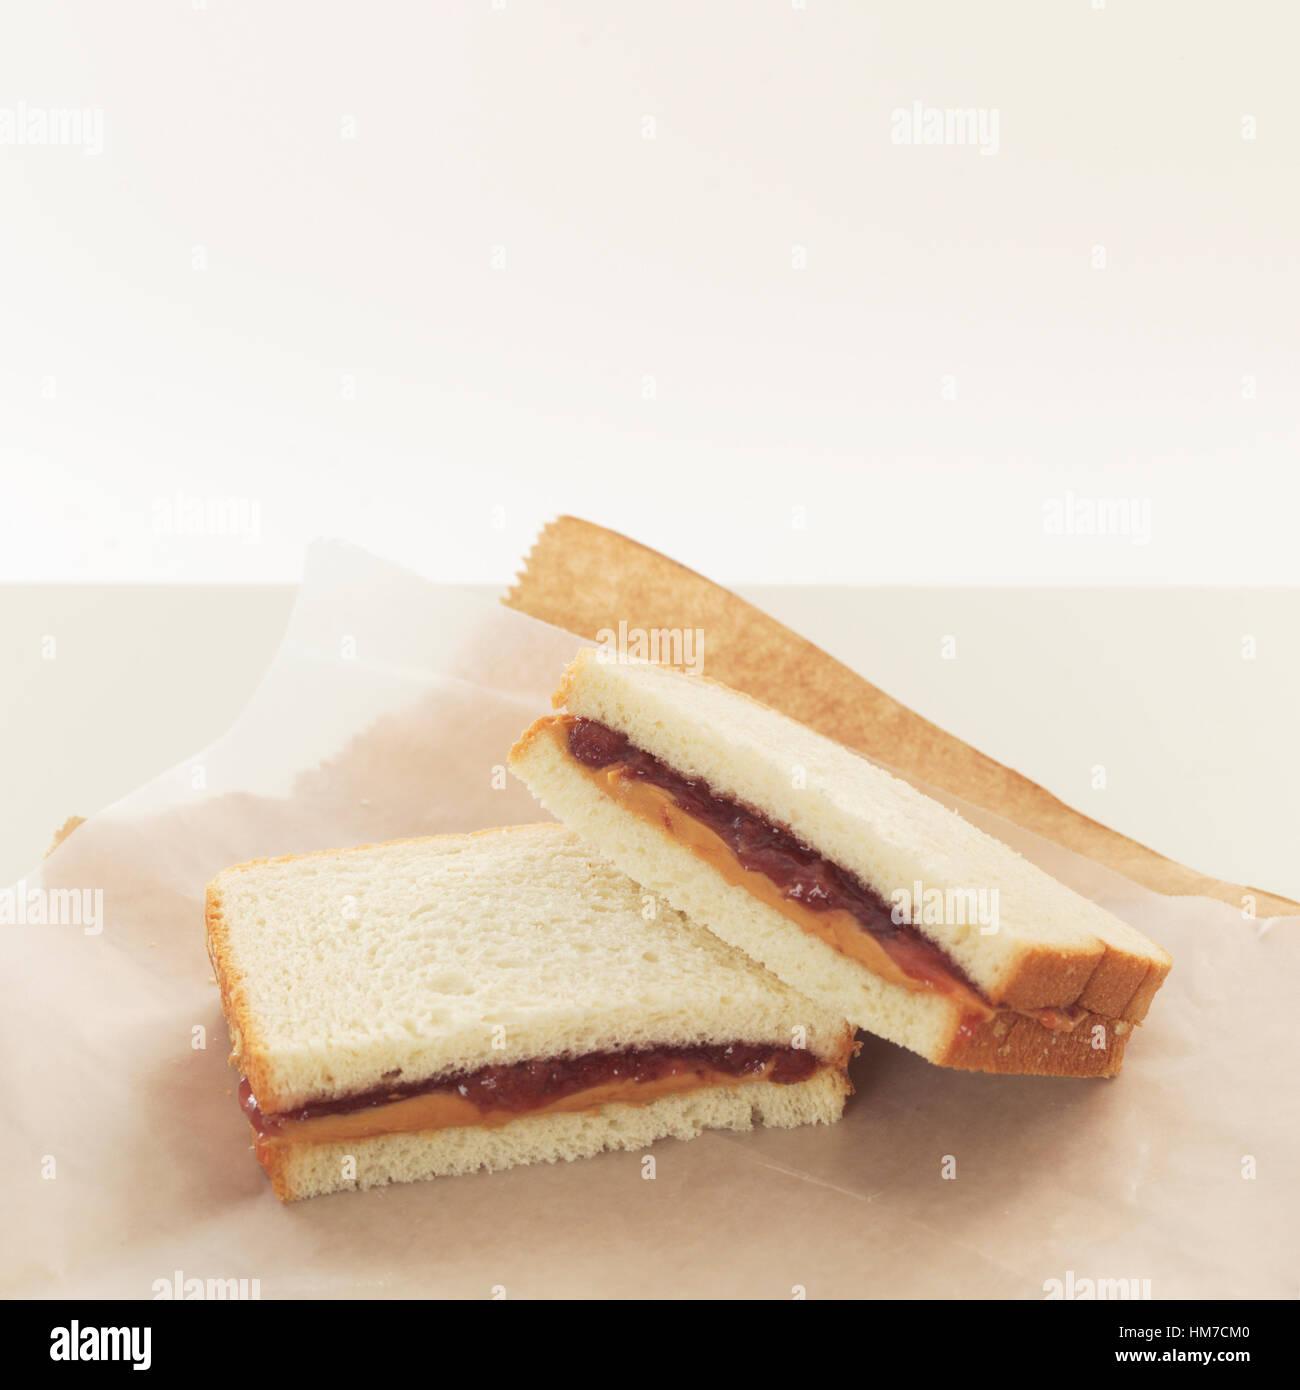 Sándwiches de mantequilla de maní y mermelada en papel de embalaje Imagen De Stock